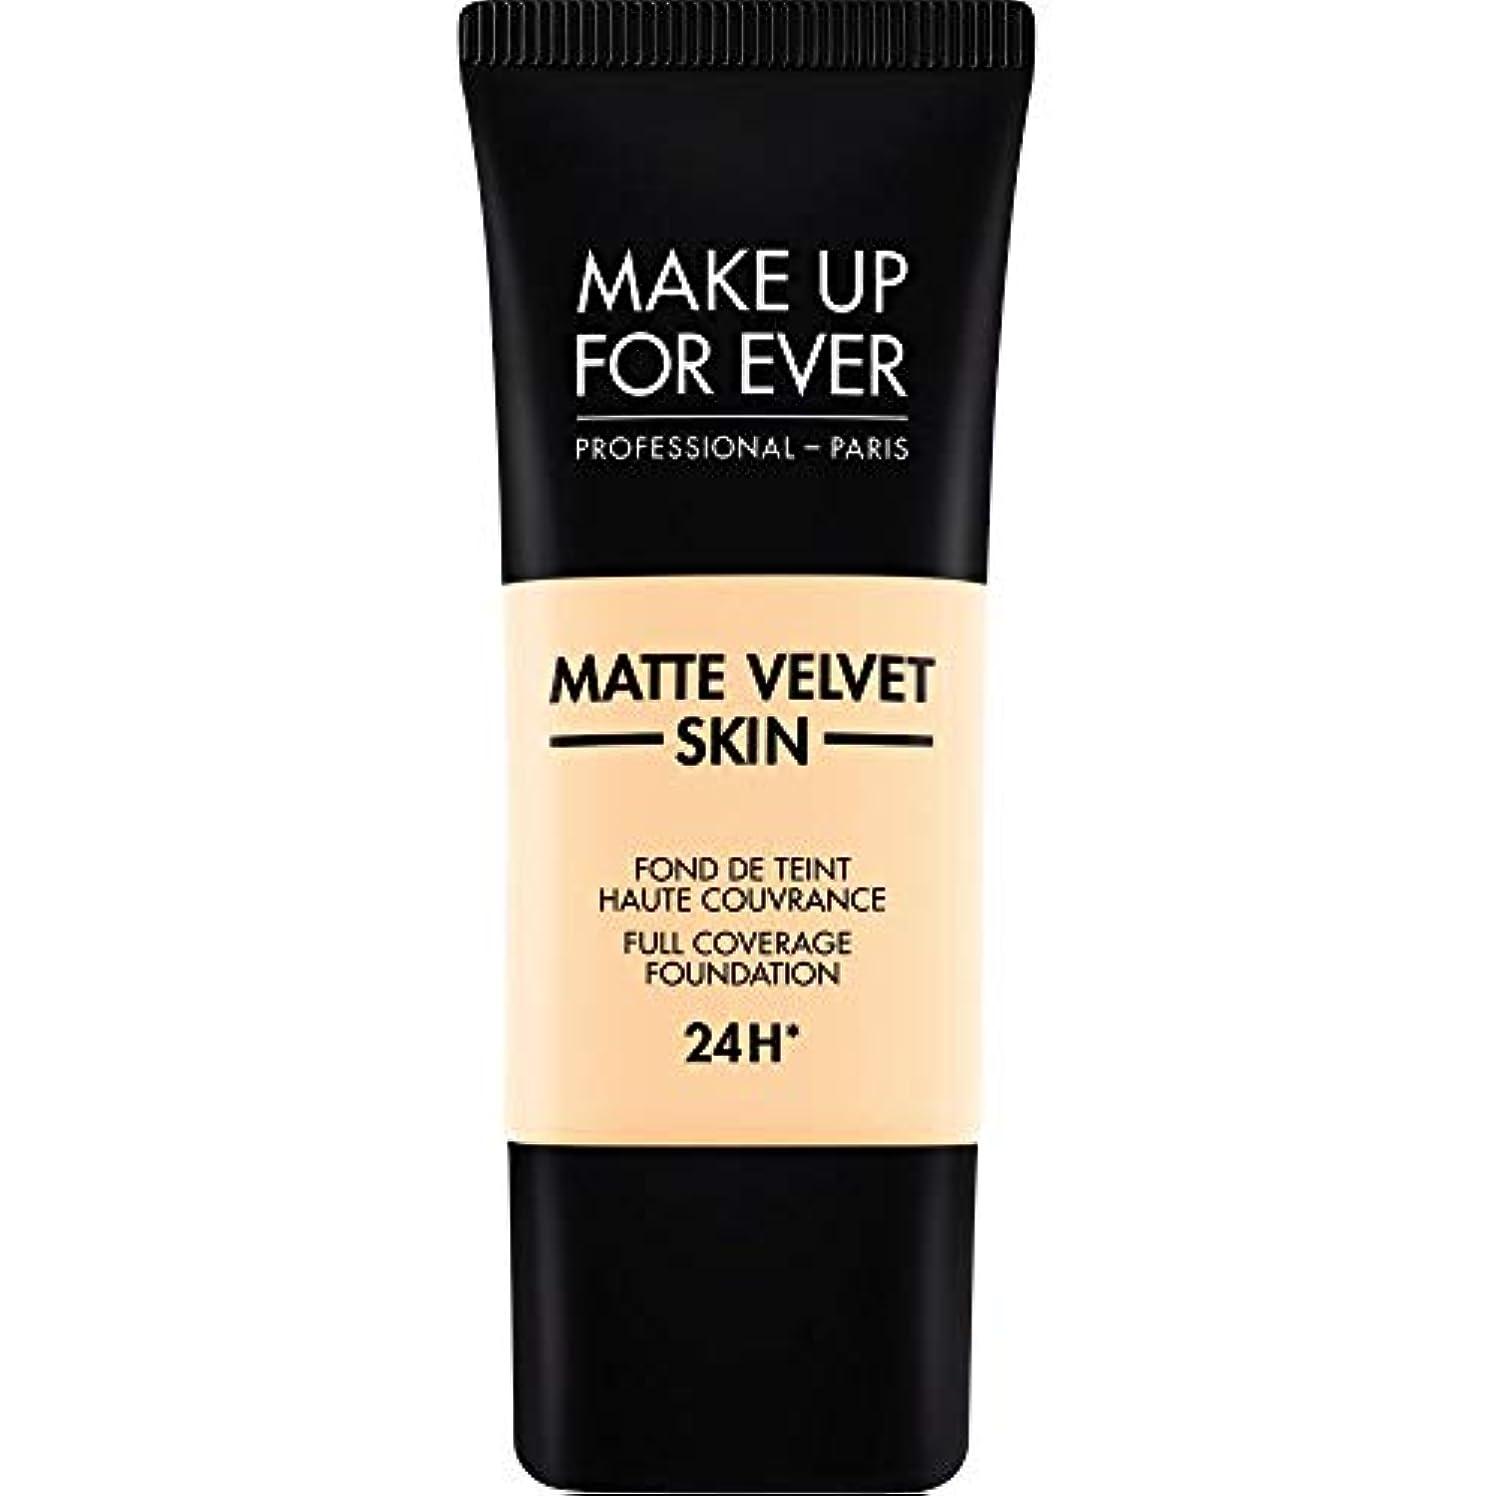 アジテーション支援まつげ[MAKE UP FOR EVER] 黄アラバスター - これまでマットベルベットの皮膚のフルカバレッジ基礎30ミリリットルのY215を補います - MAKE UP FOR EVER Matte Velvet Skin...